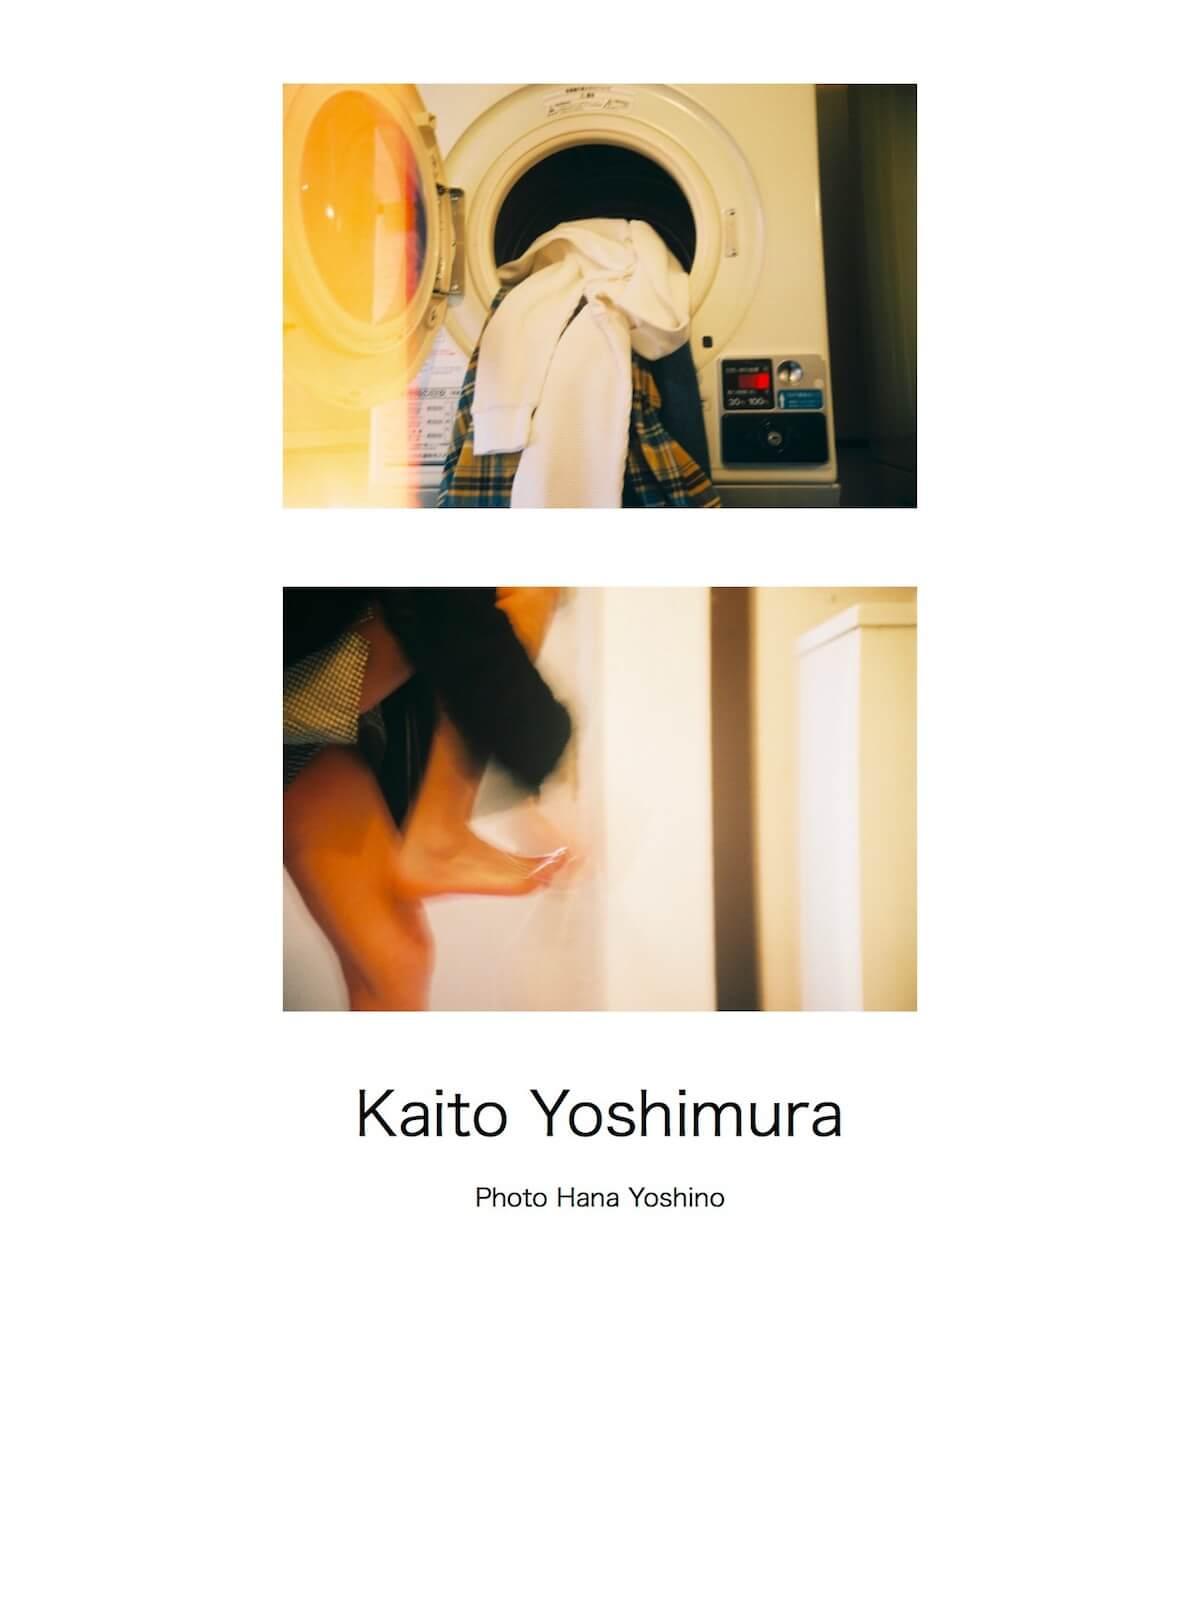 俳優・吉村界人とTHE NERDYSがコラボ、写真展が開催|撮影はヨシノハナ art-culture190611-nerdys-3